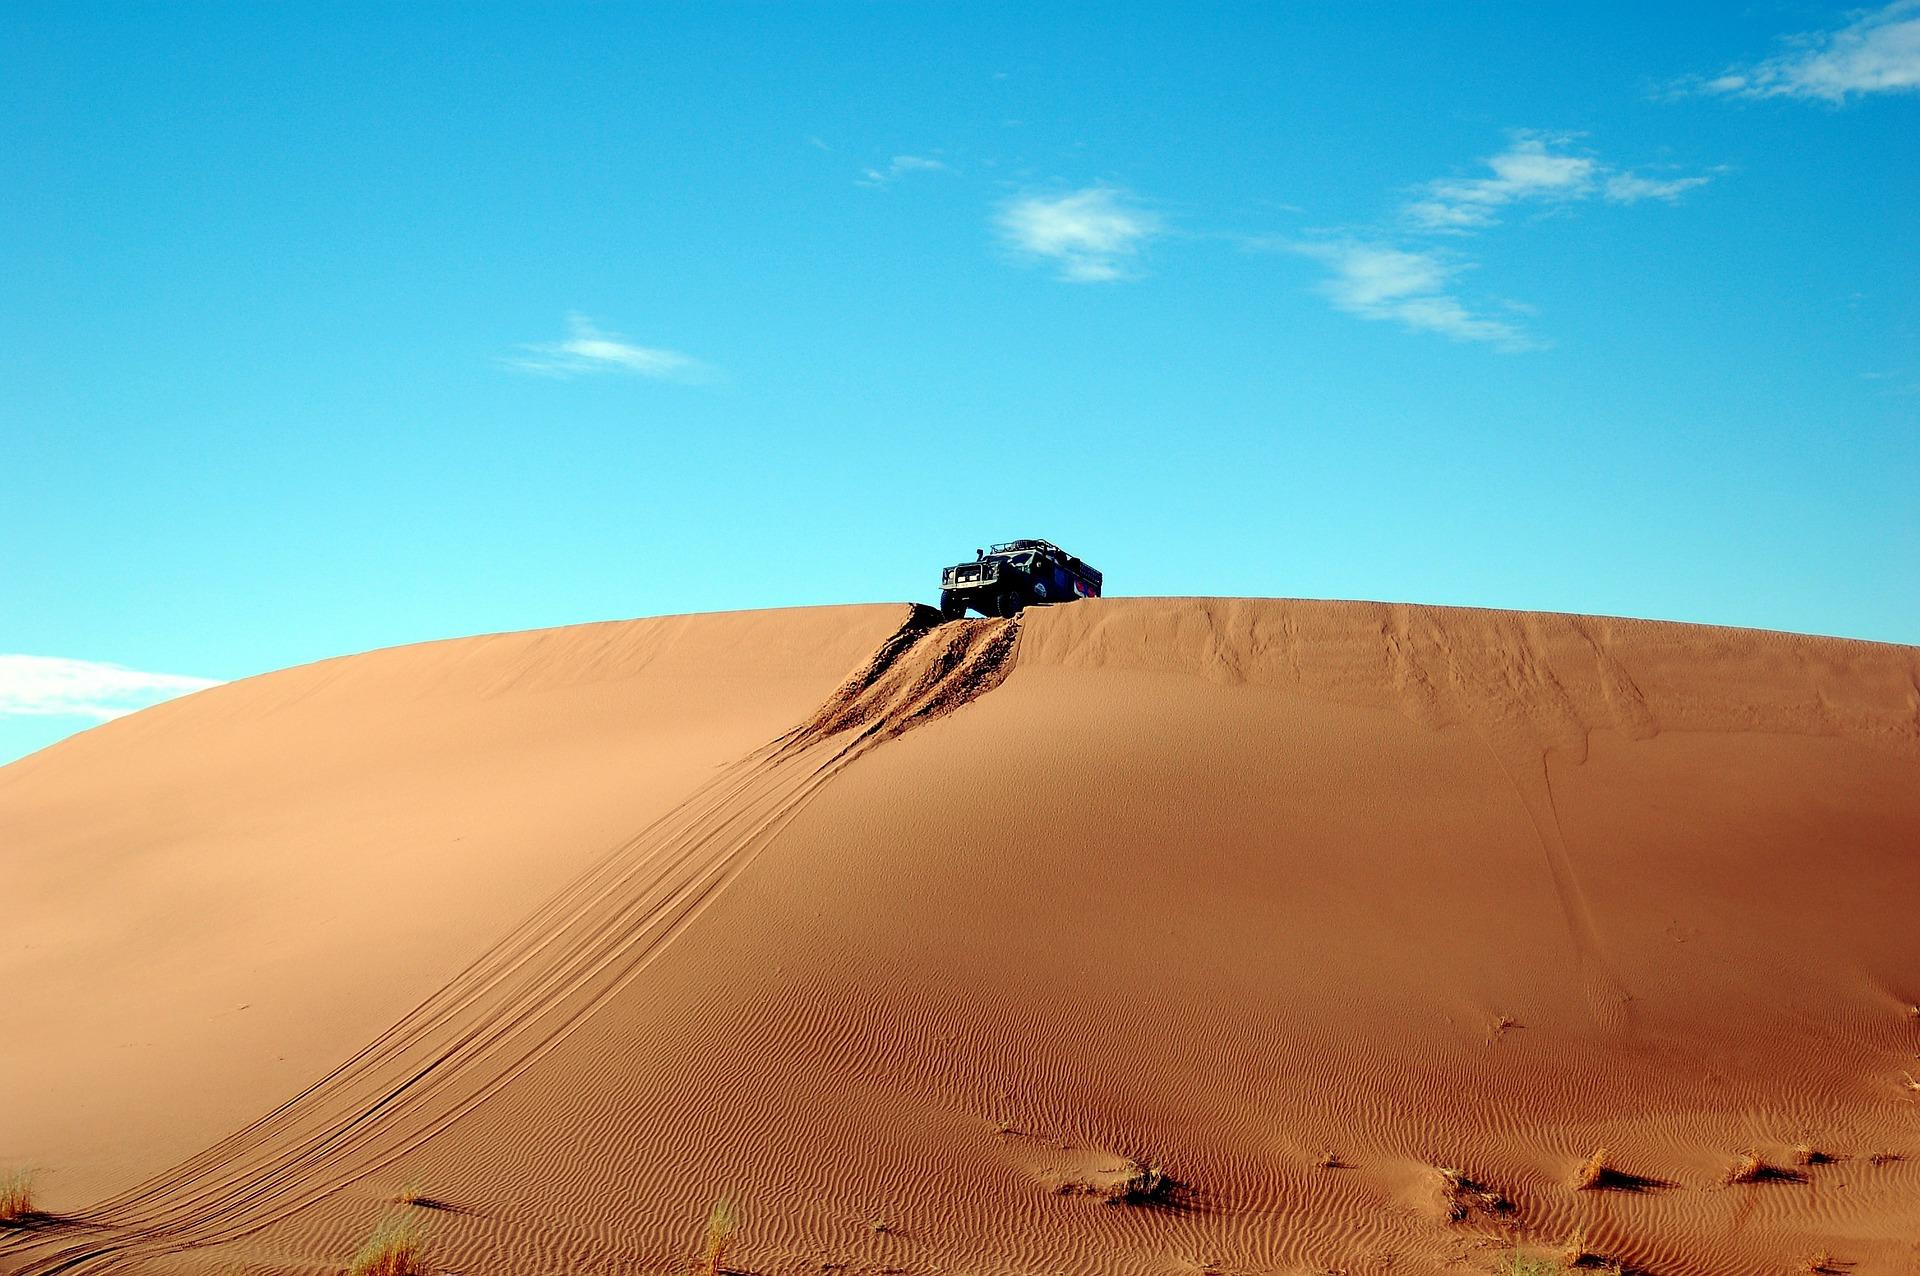 D%C3%A9sert_safari_Marrakech_CC0.jpg?1544620640